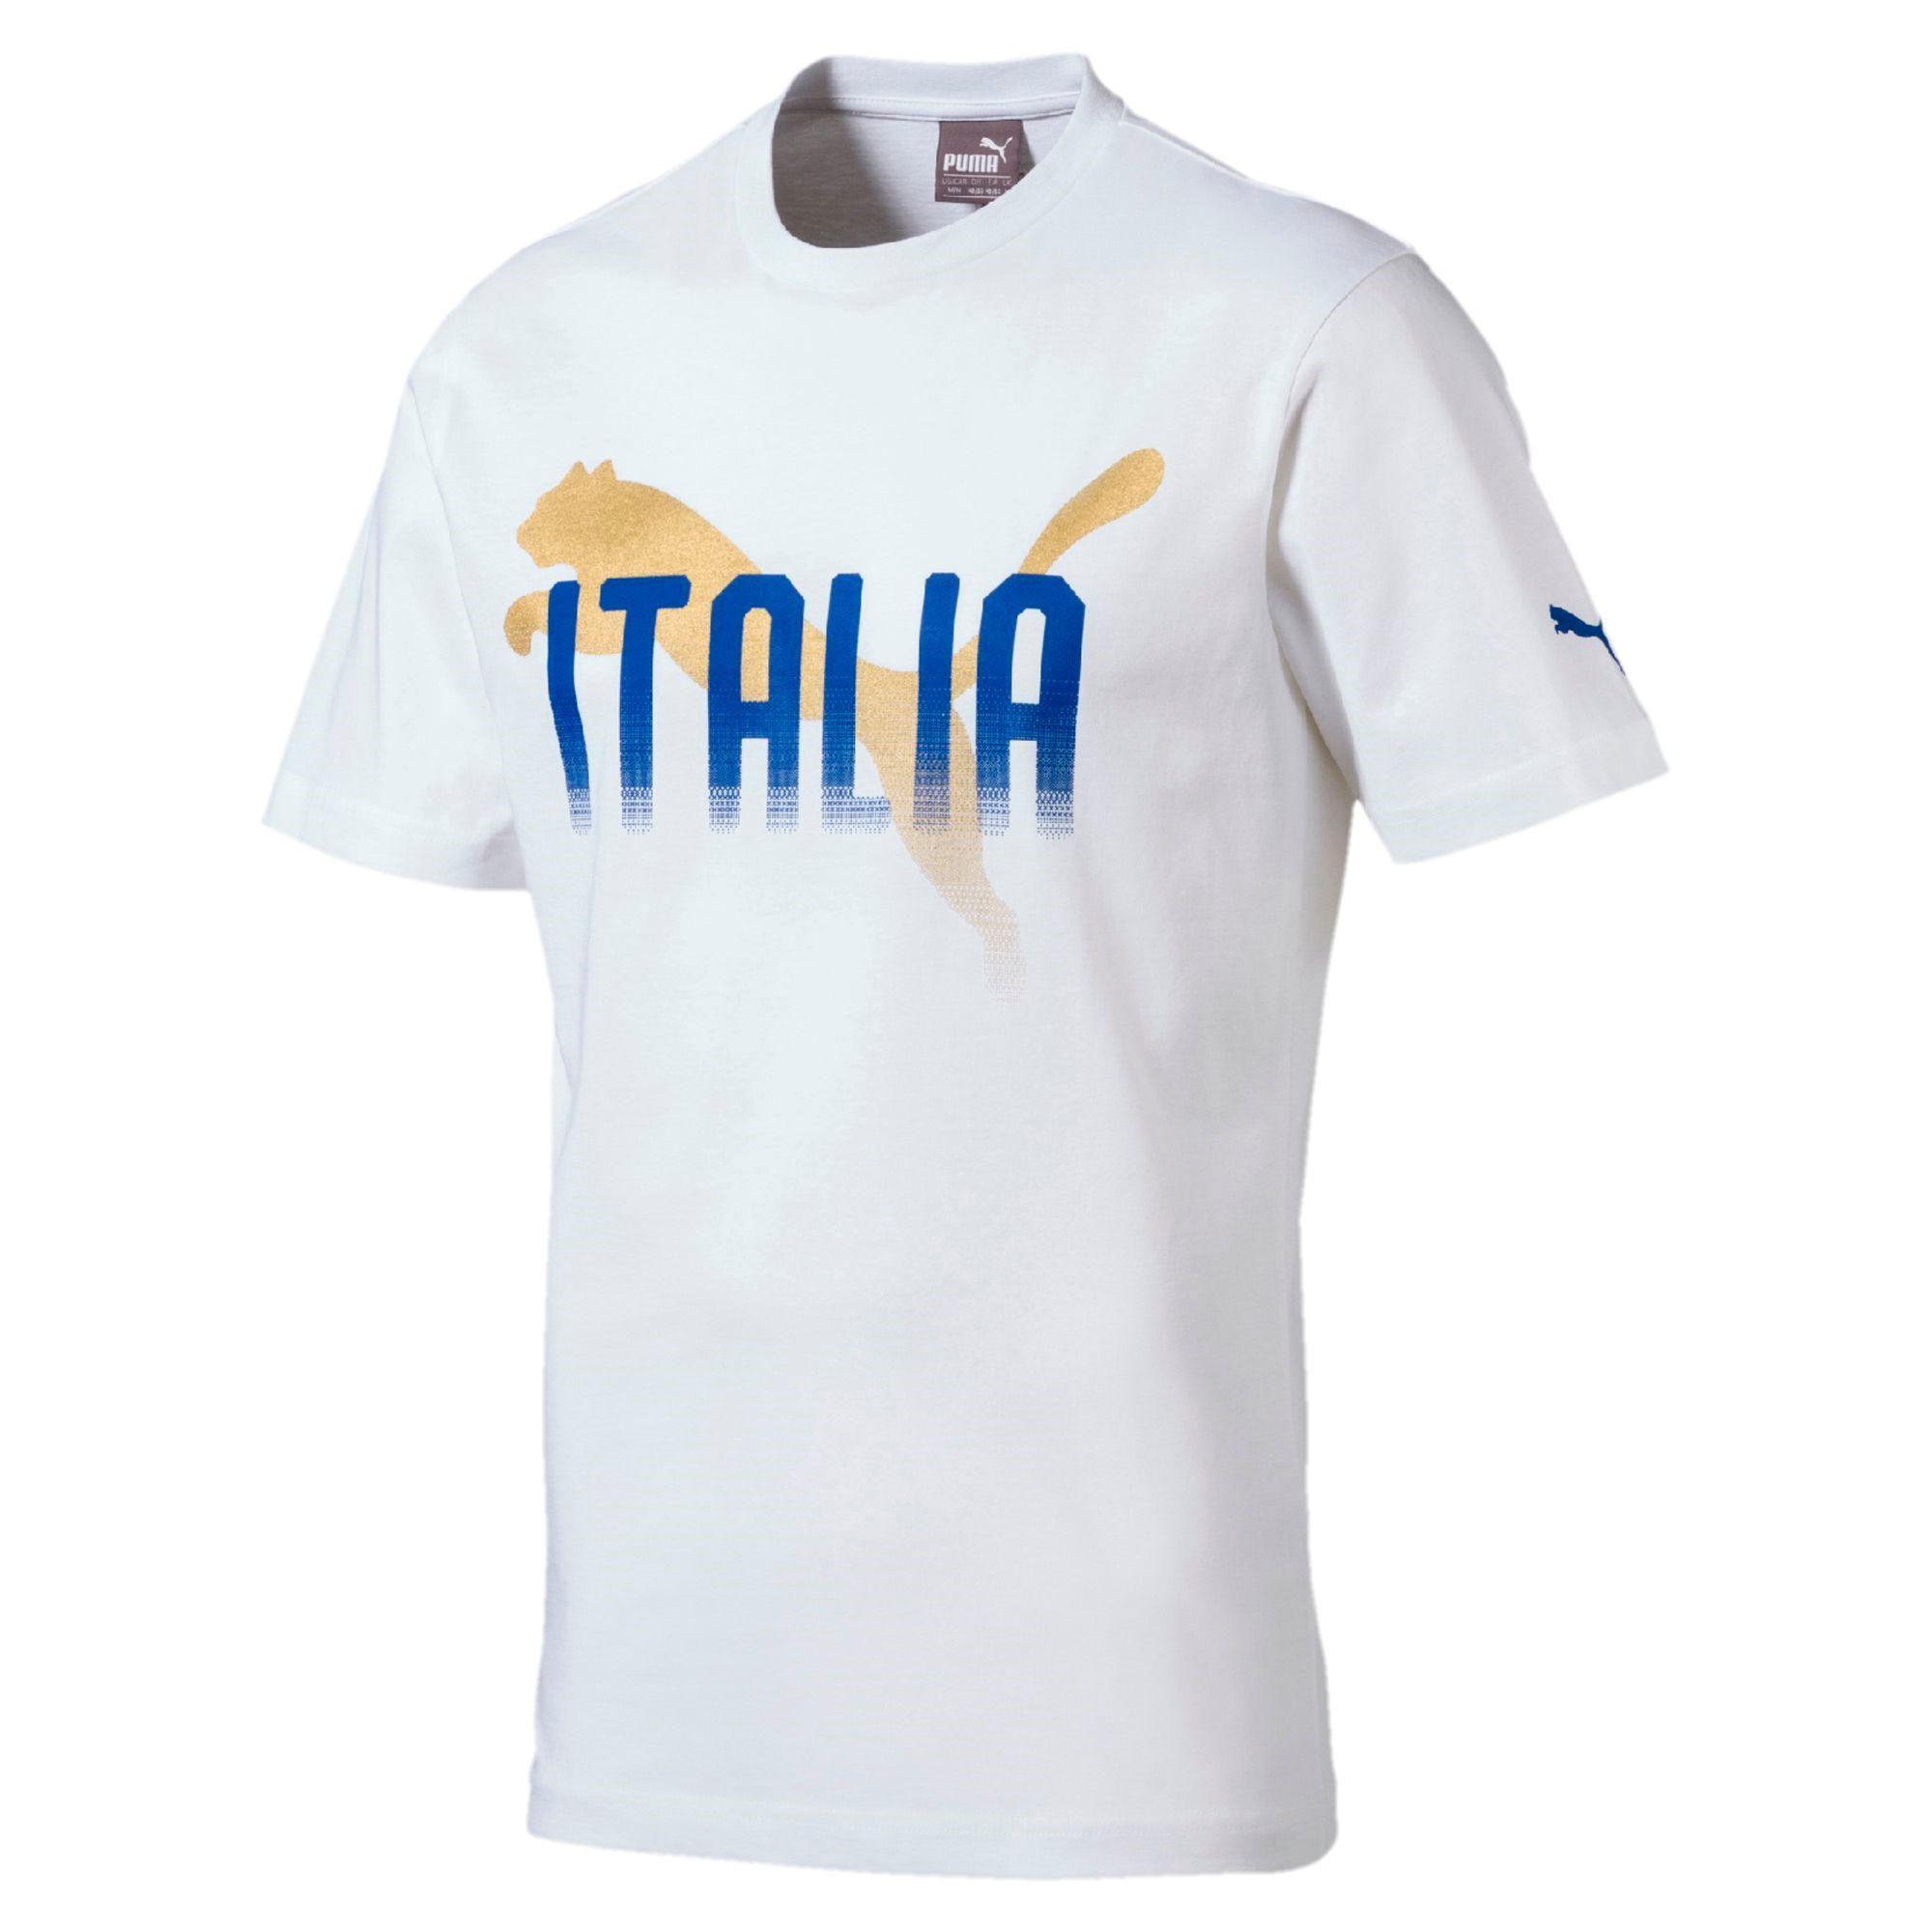 e4fb924c4119 Puma T-shirt Italy Puma White - Tifoshop.com